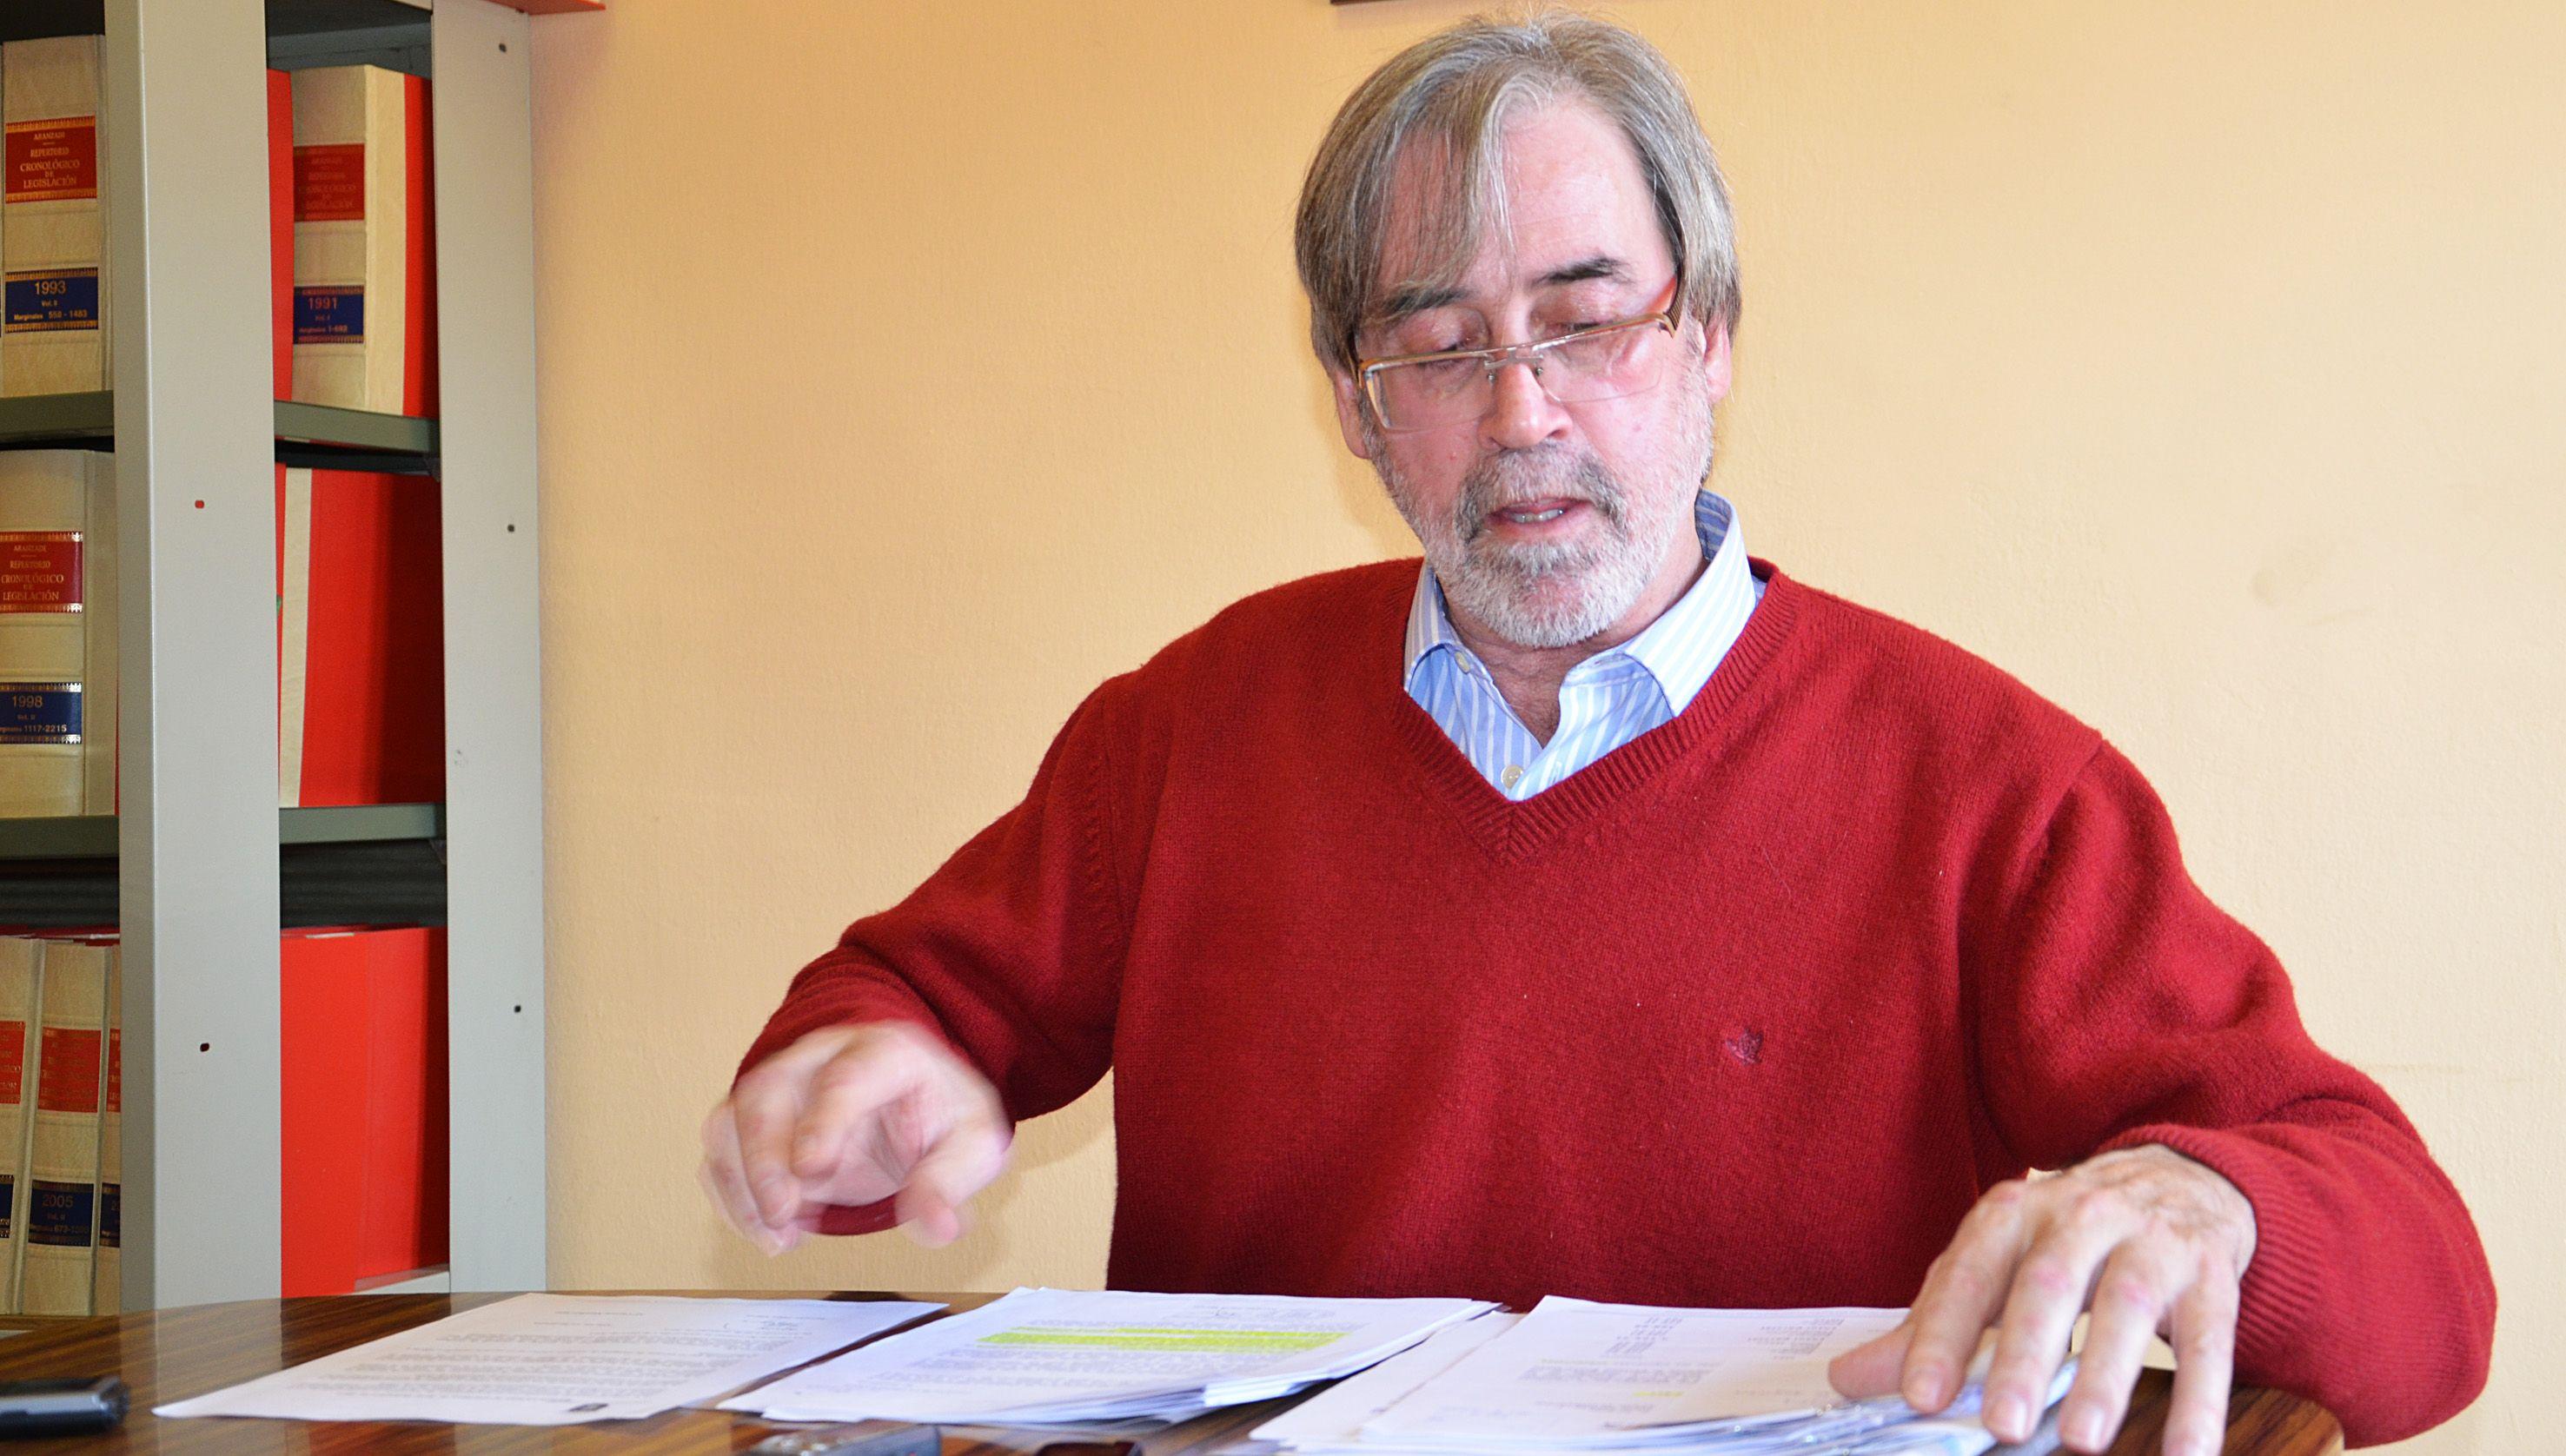 El alcalde de Altorricón asegura que la actual gestión del servicio de residuos comarcal es un desastre